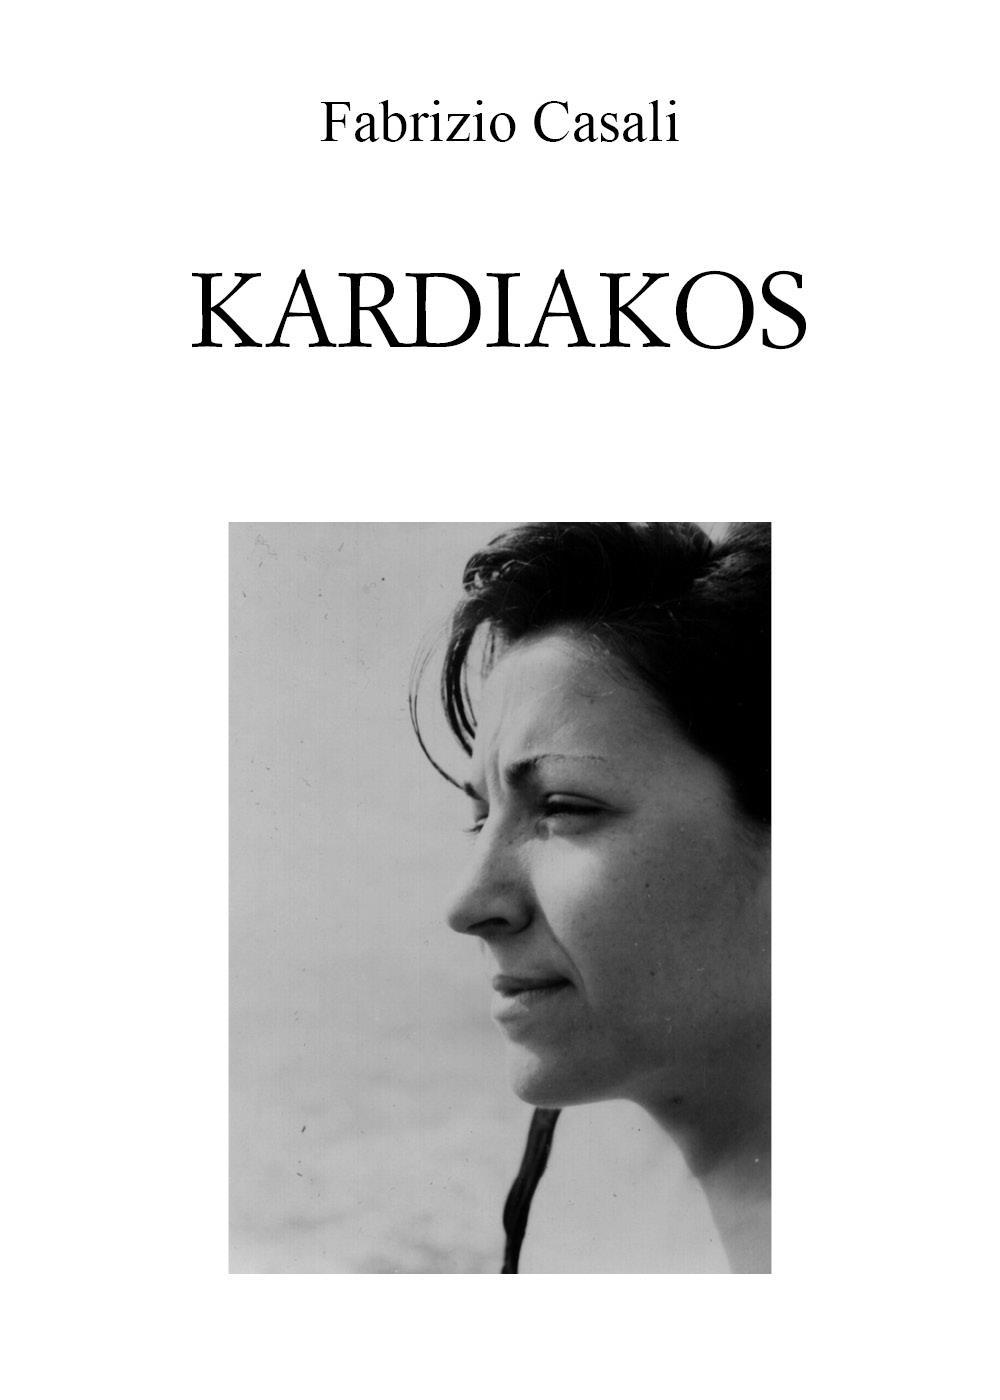 Kardiakos